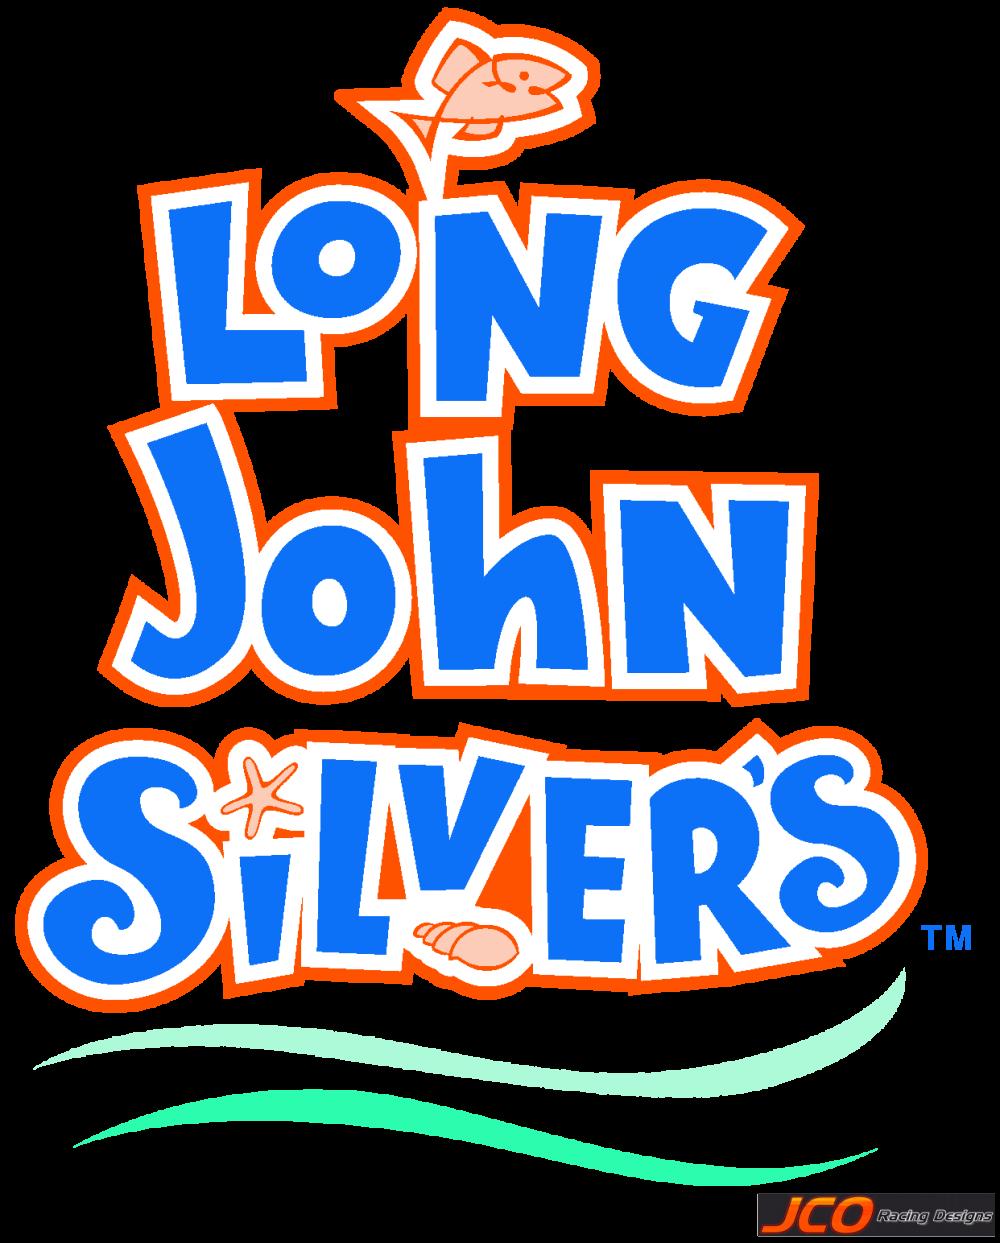 jco_long-john-silvers_logo-10